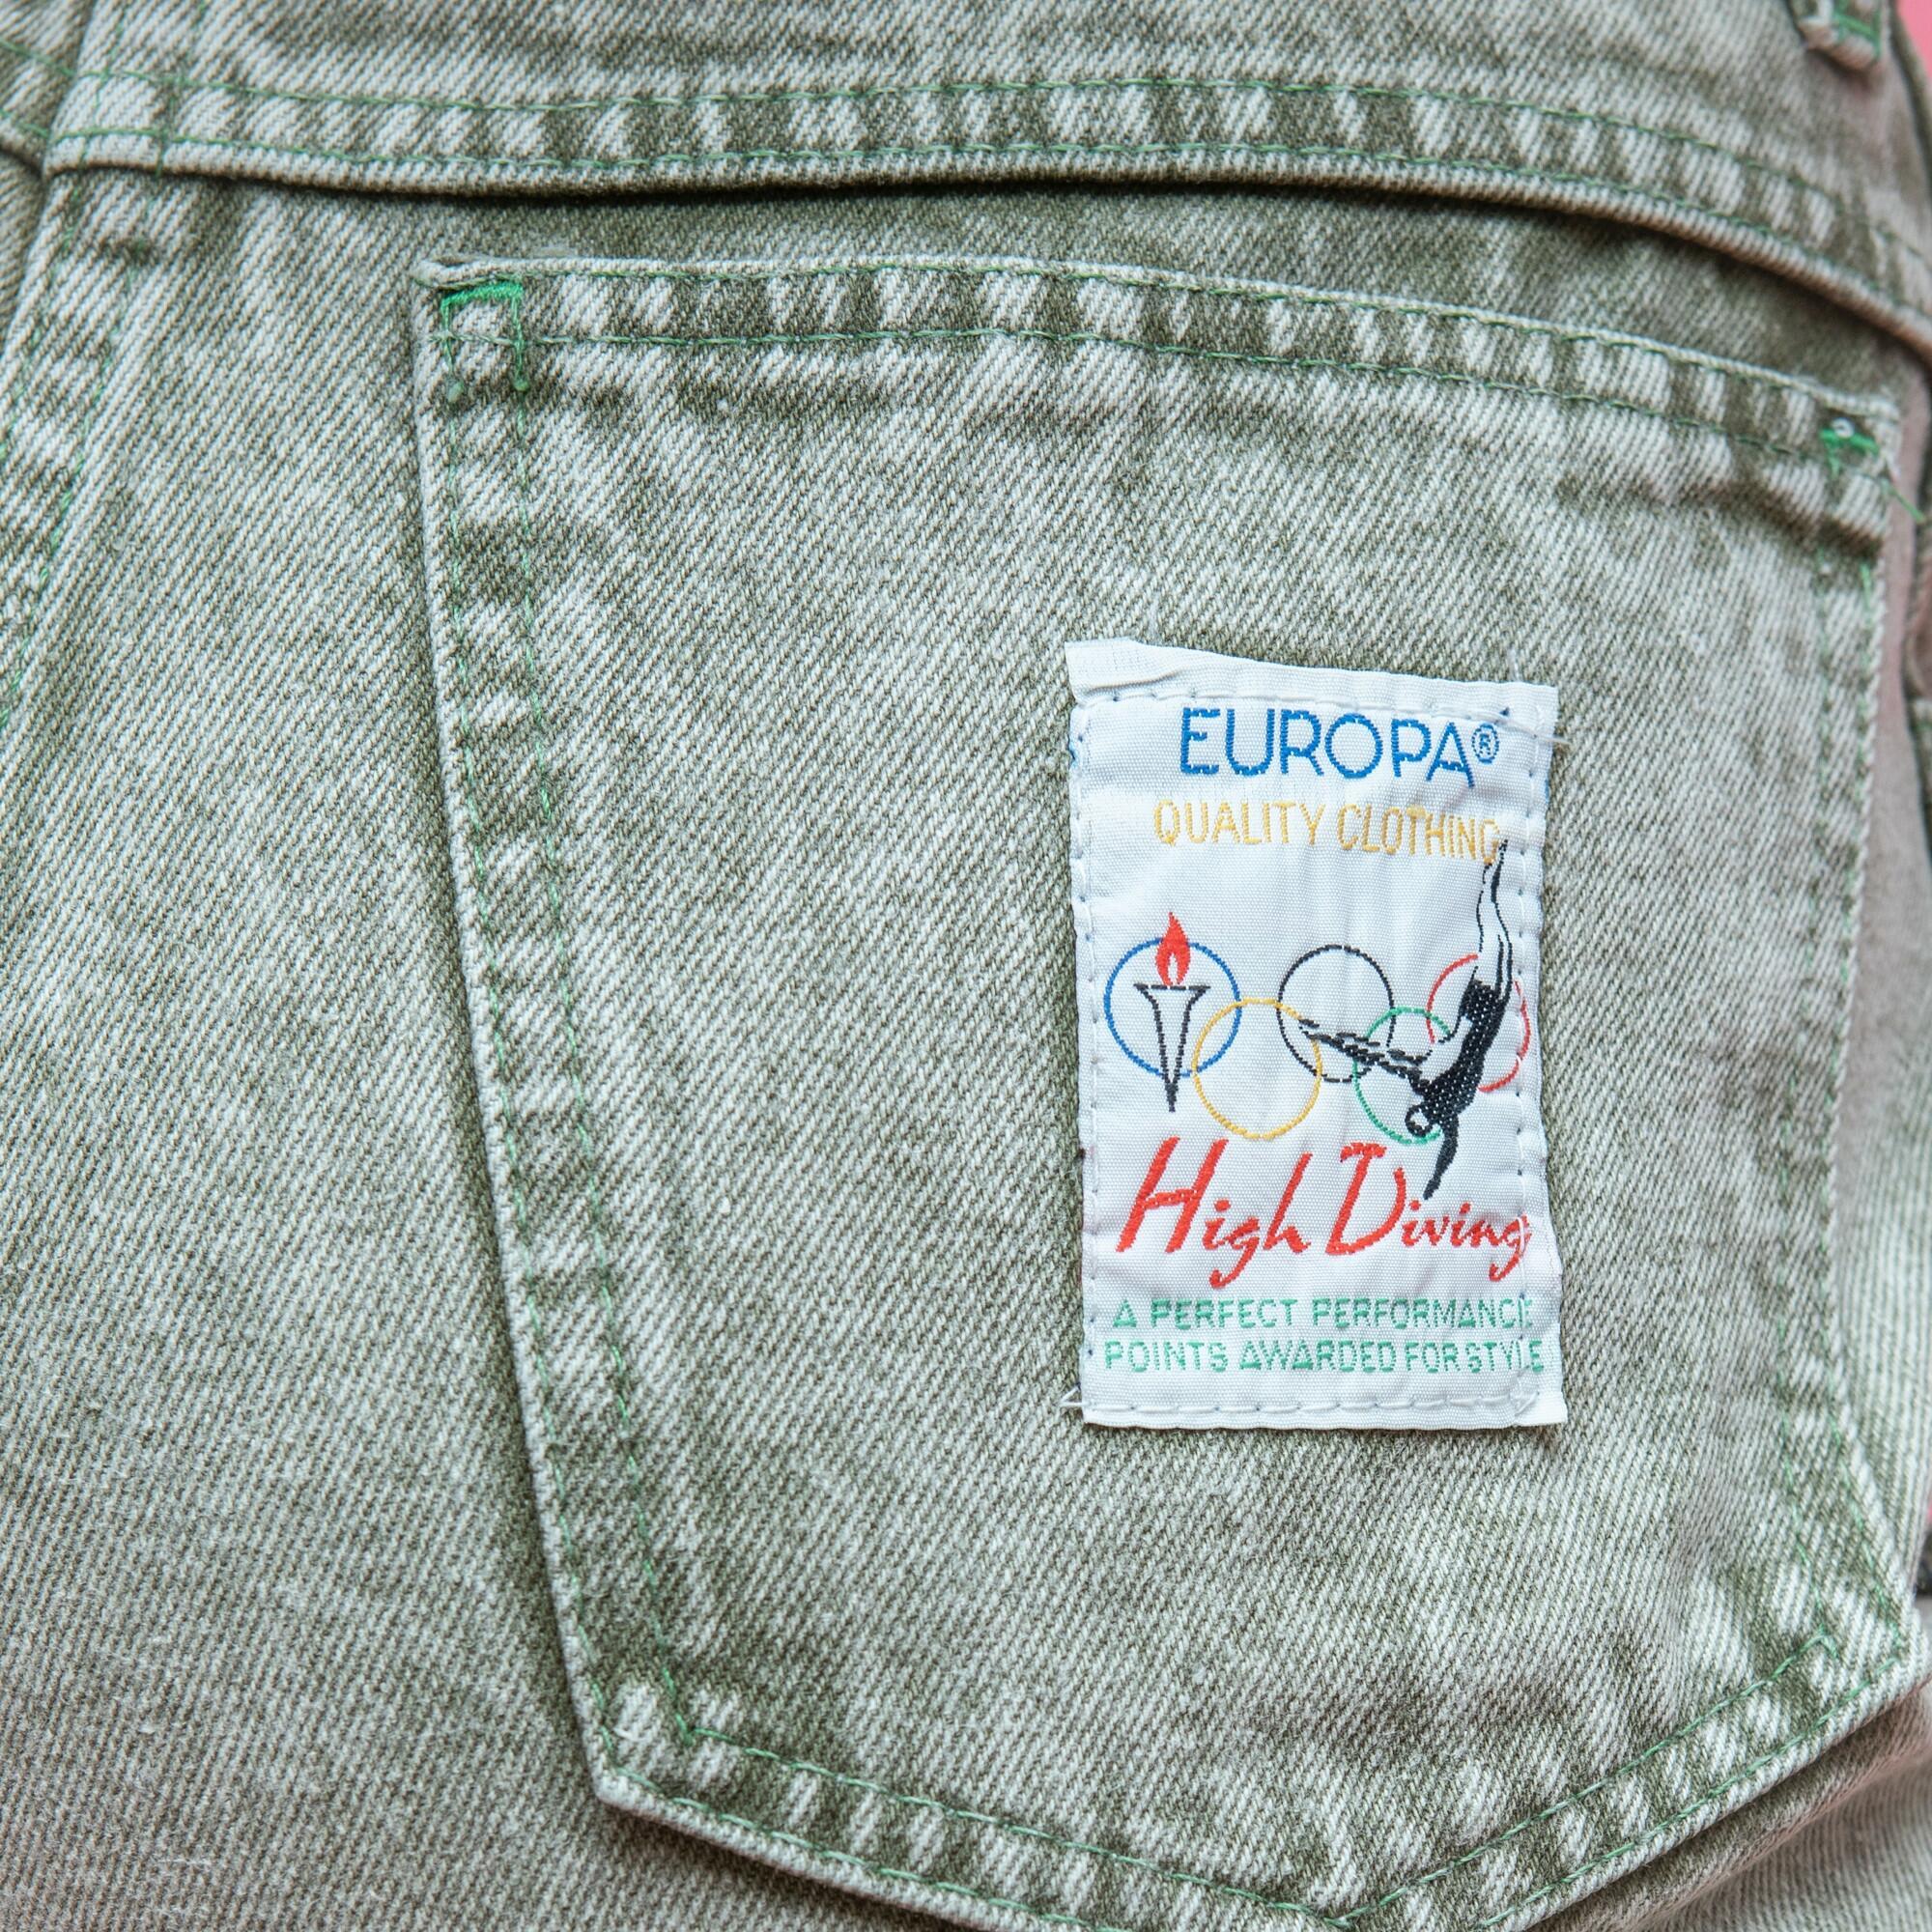 Marmurkowe jeansy w kolorze pistacji - KEX Vintage Store | JestemSlow.pl